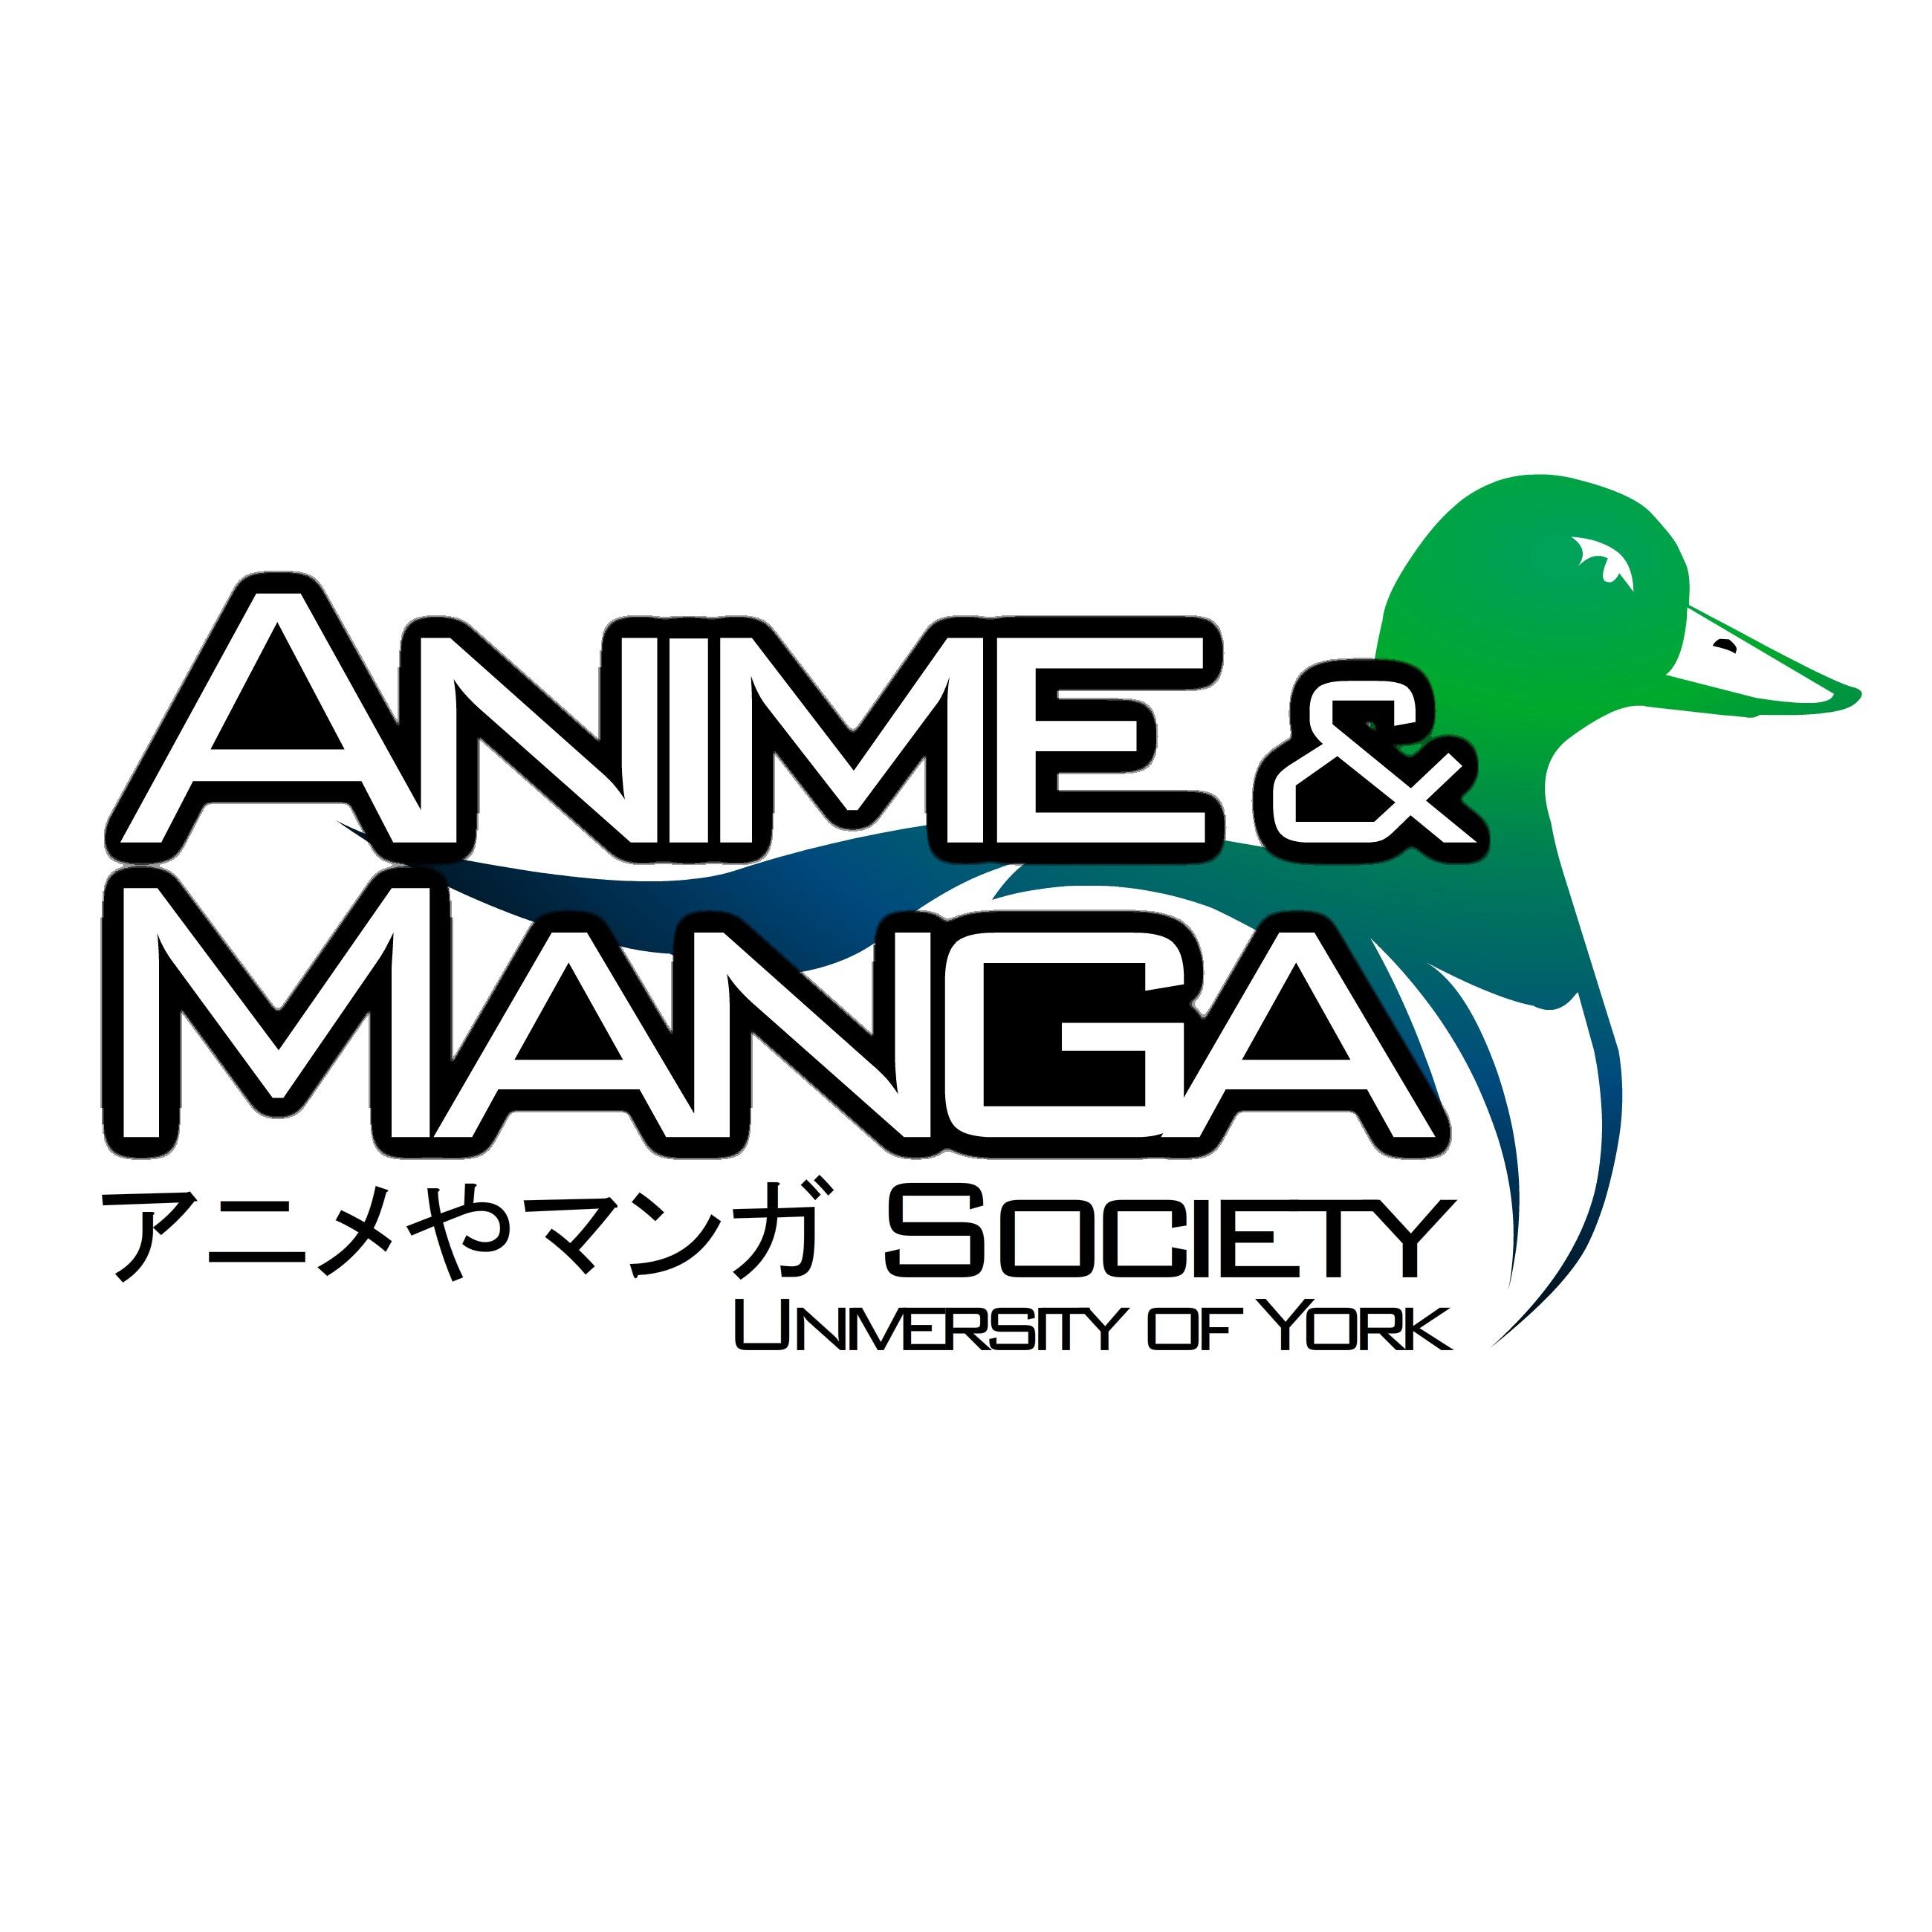 Anime and Manga Society